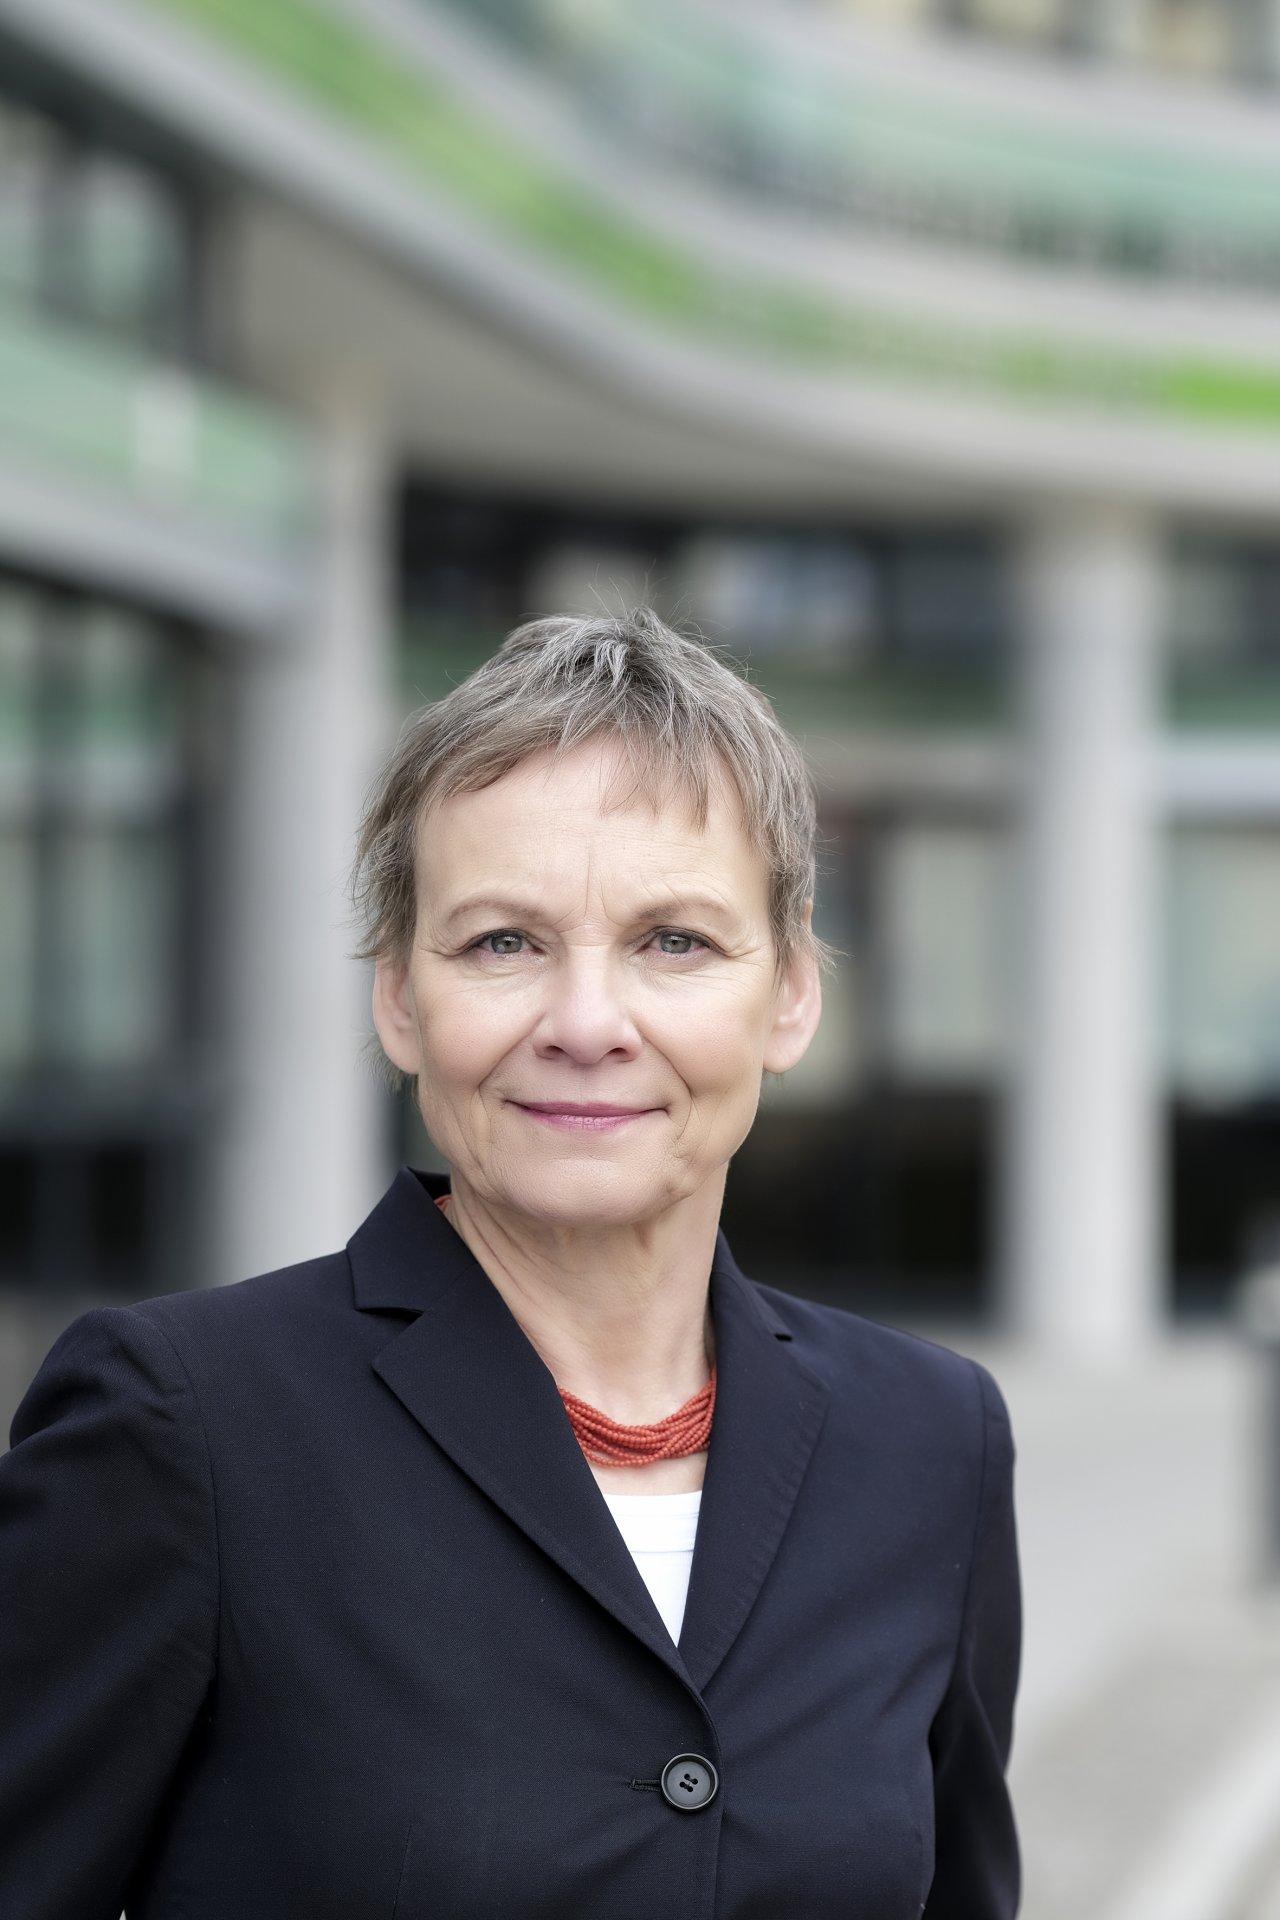 Prof. Dr.-Ing. Dr. Sabine Kunst - Präsidentin der Humboldt Universität zu Berlin